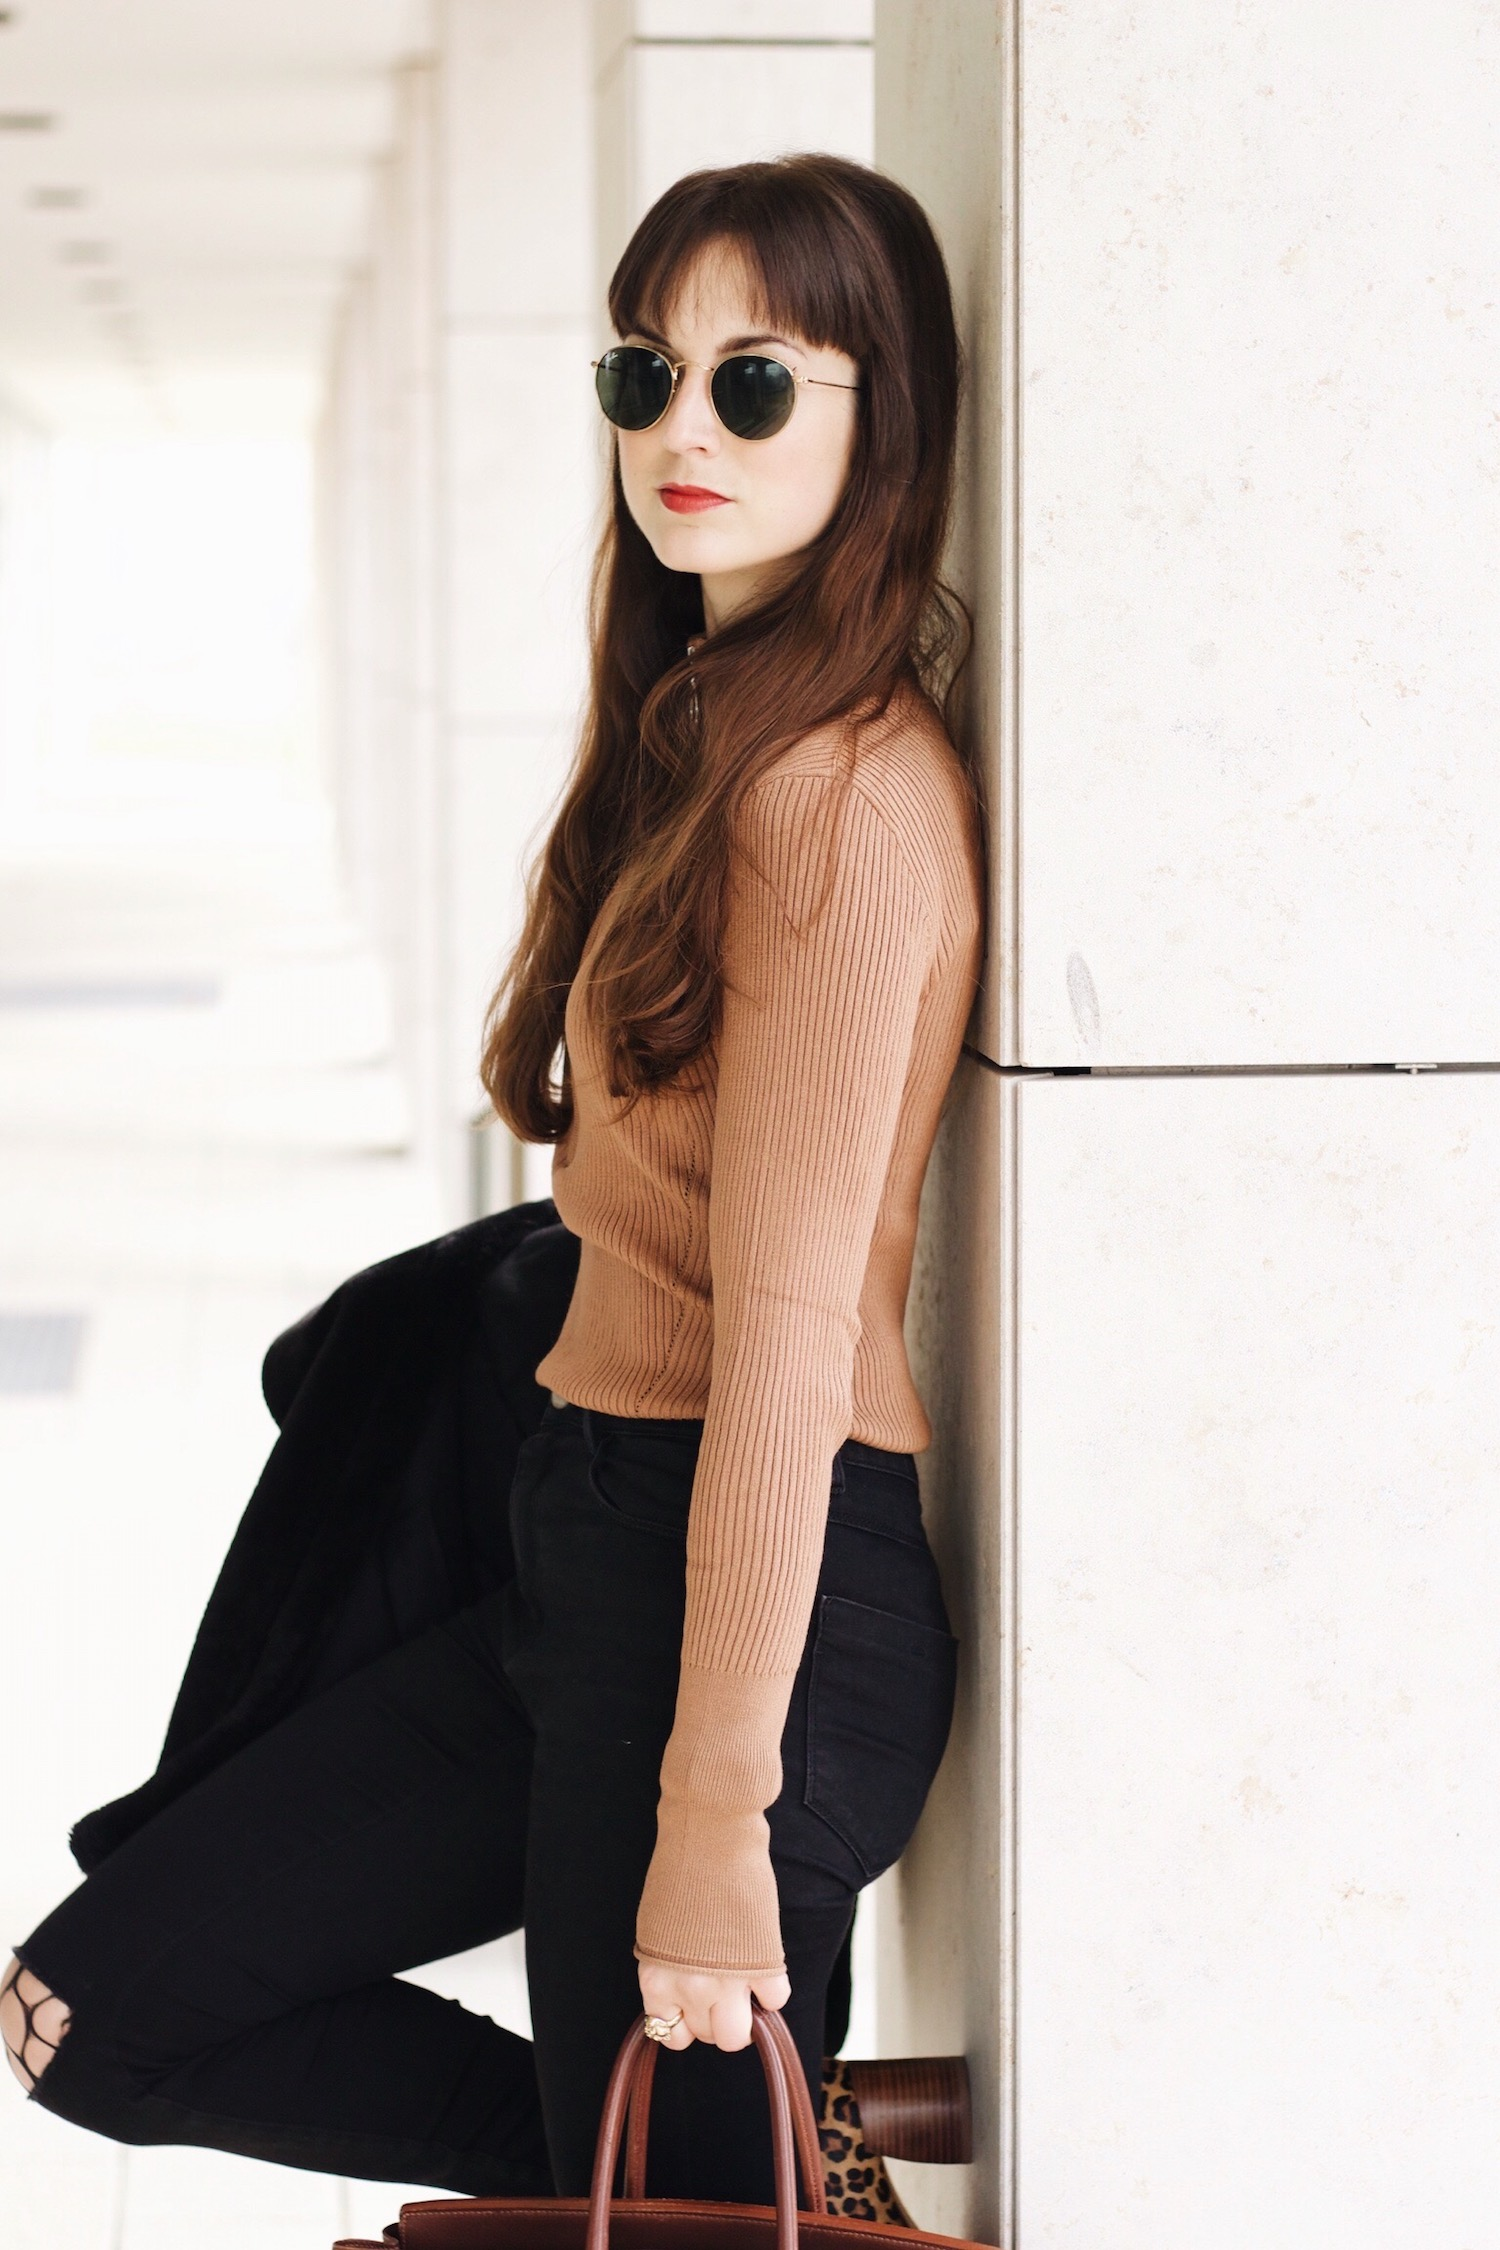 Mein Outfit mit Birkin Bag Leo Pumps und Netzstrumpfhose kombiniert für meinen Modeblog